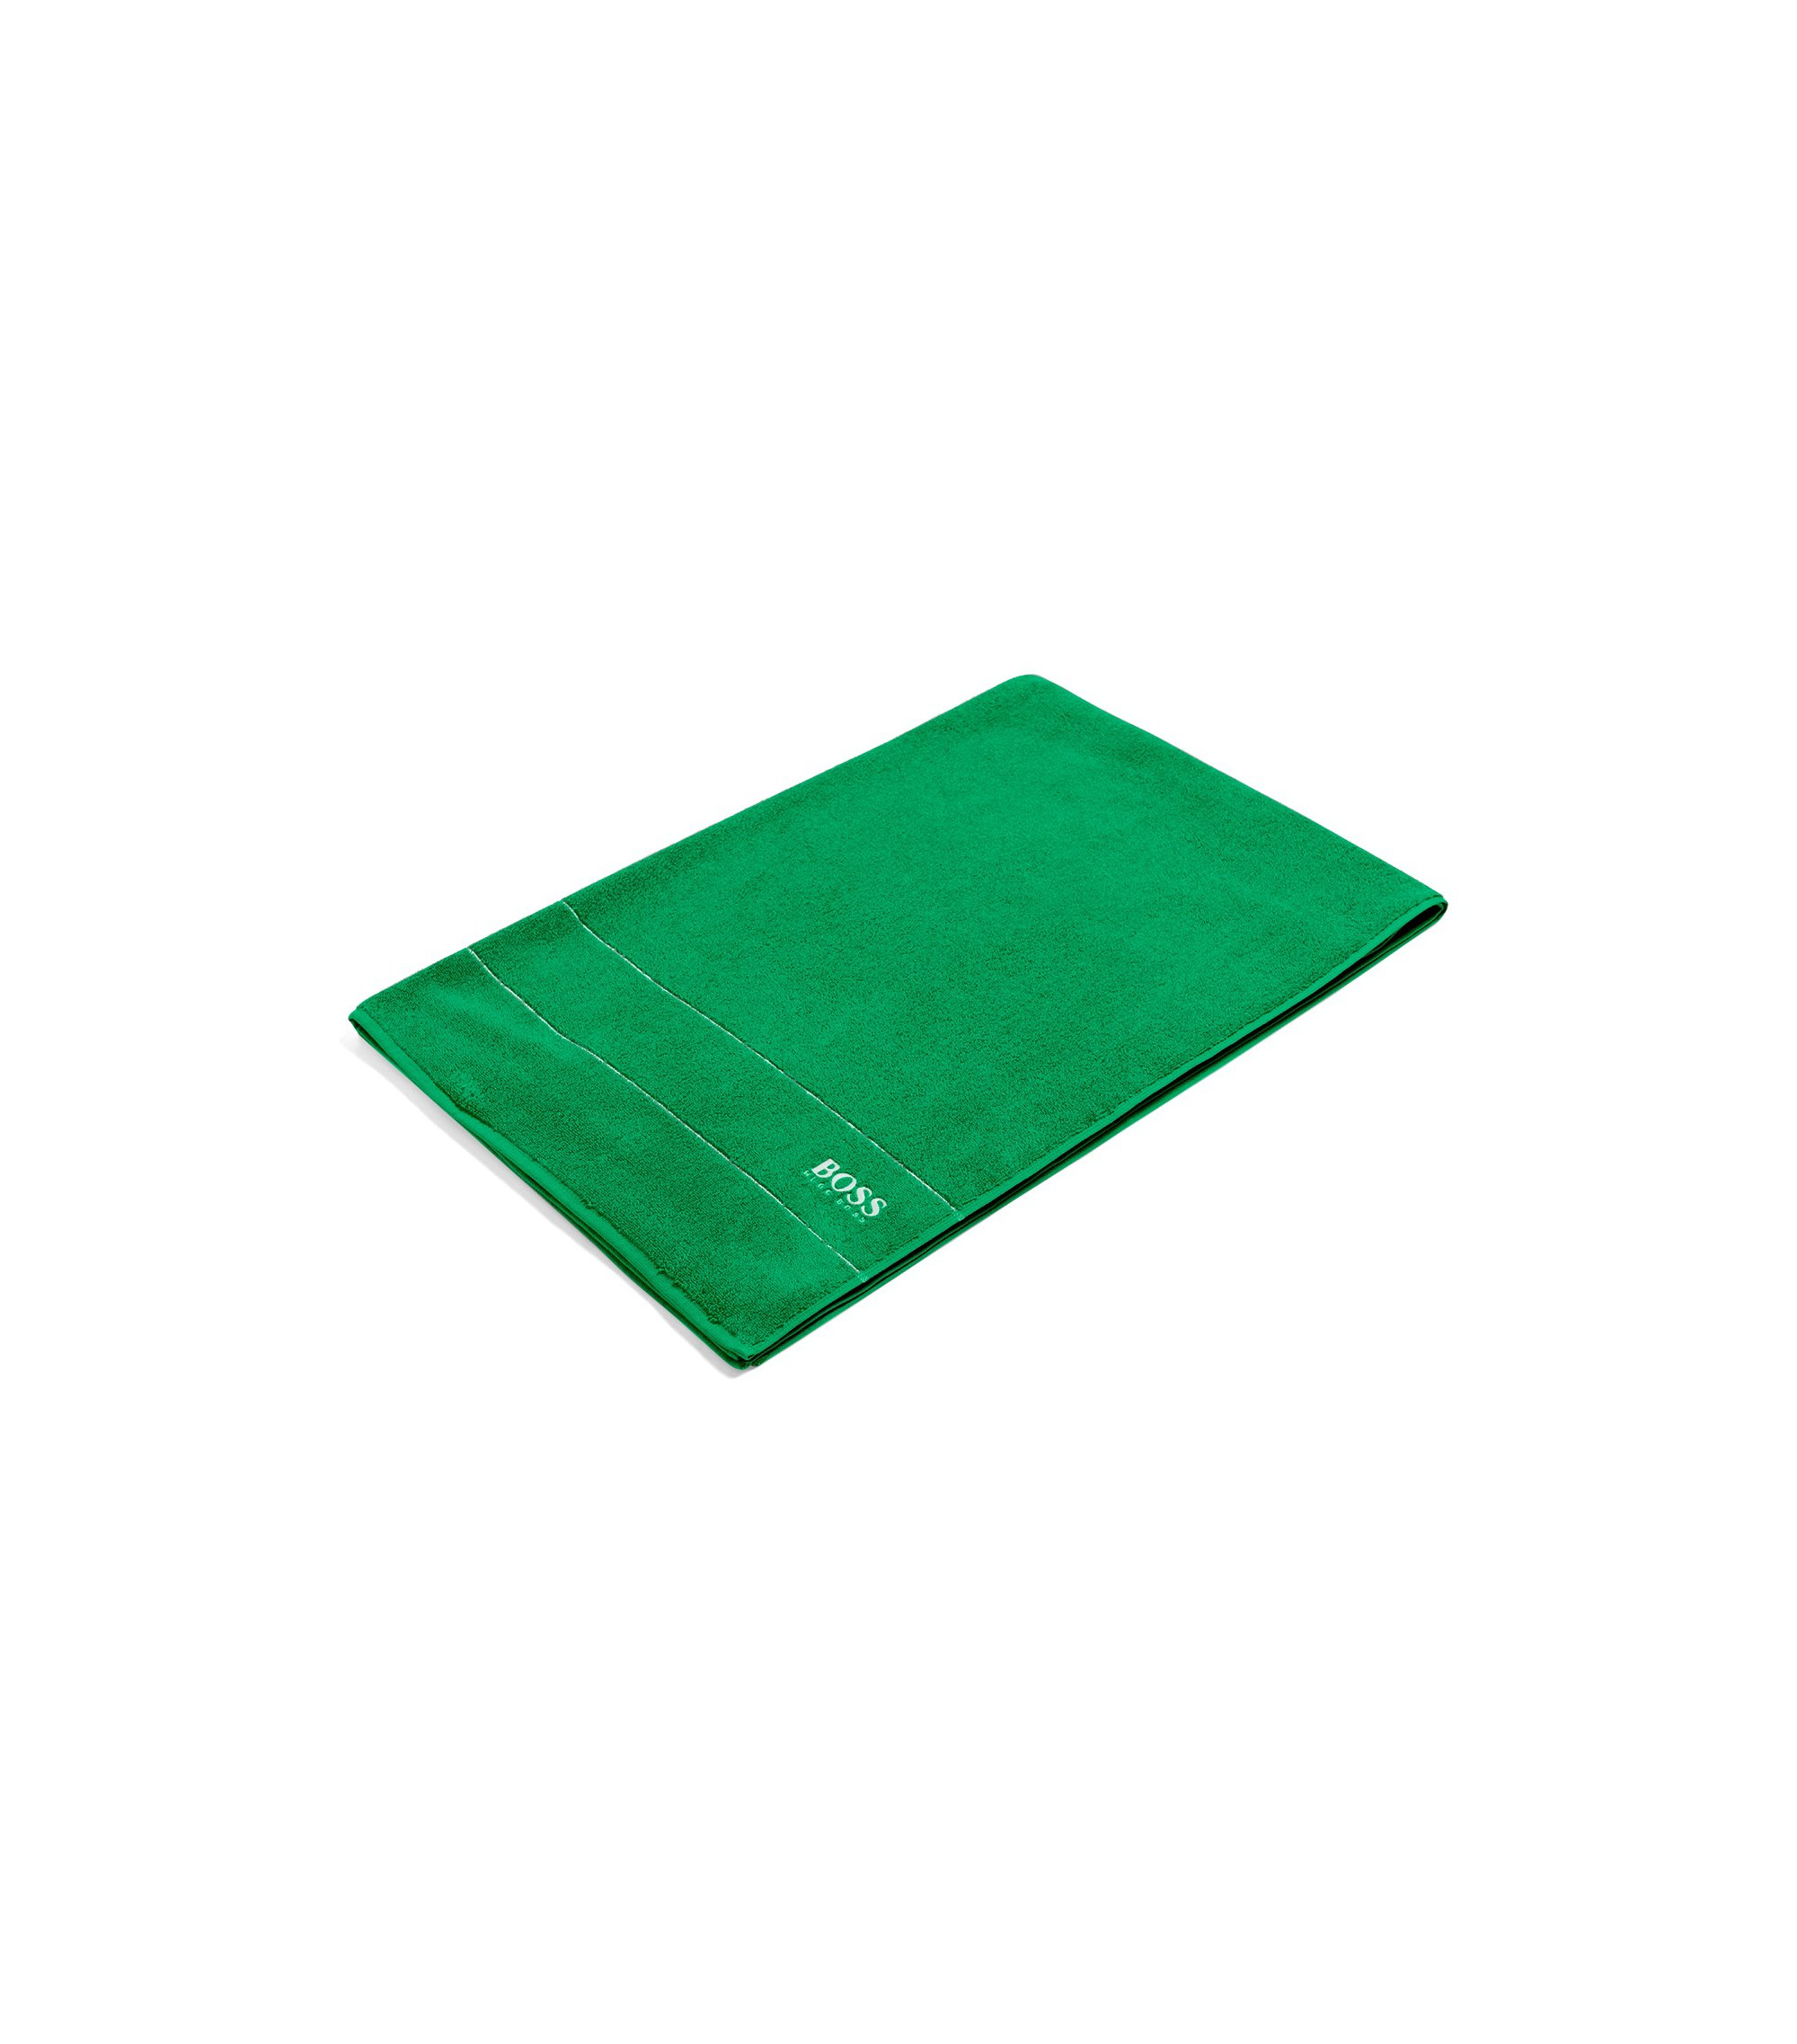 Badlaken van de fijnste Egyptische katoen met rand met logo, Groen